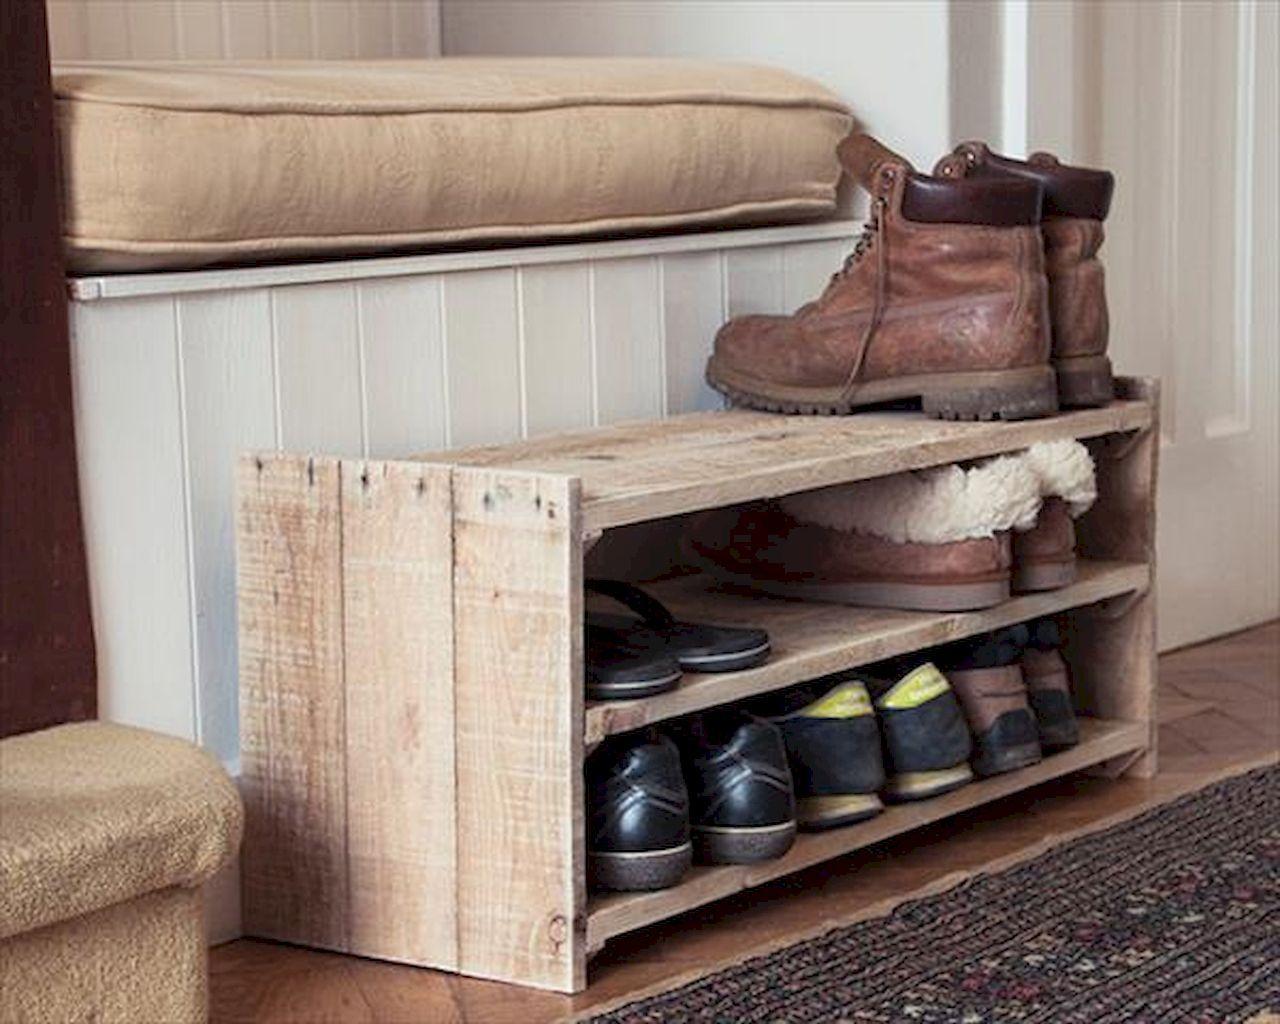 buy pallet furniture. 65 DIY Shoe Rack And Shelves Ideas. Wood PalletsBuy Buy Pallet Furniture U